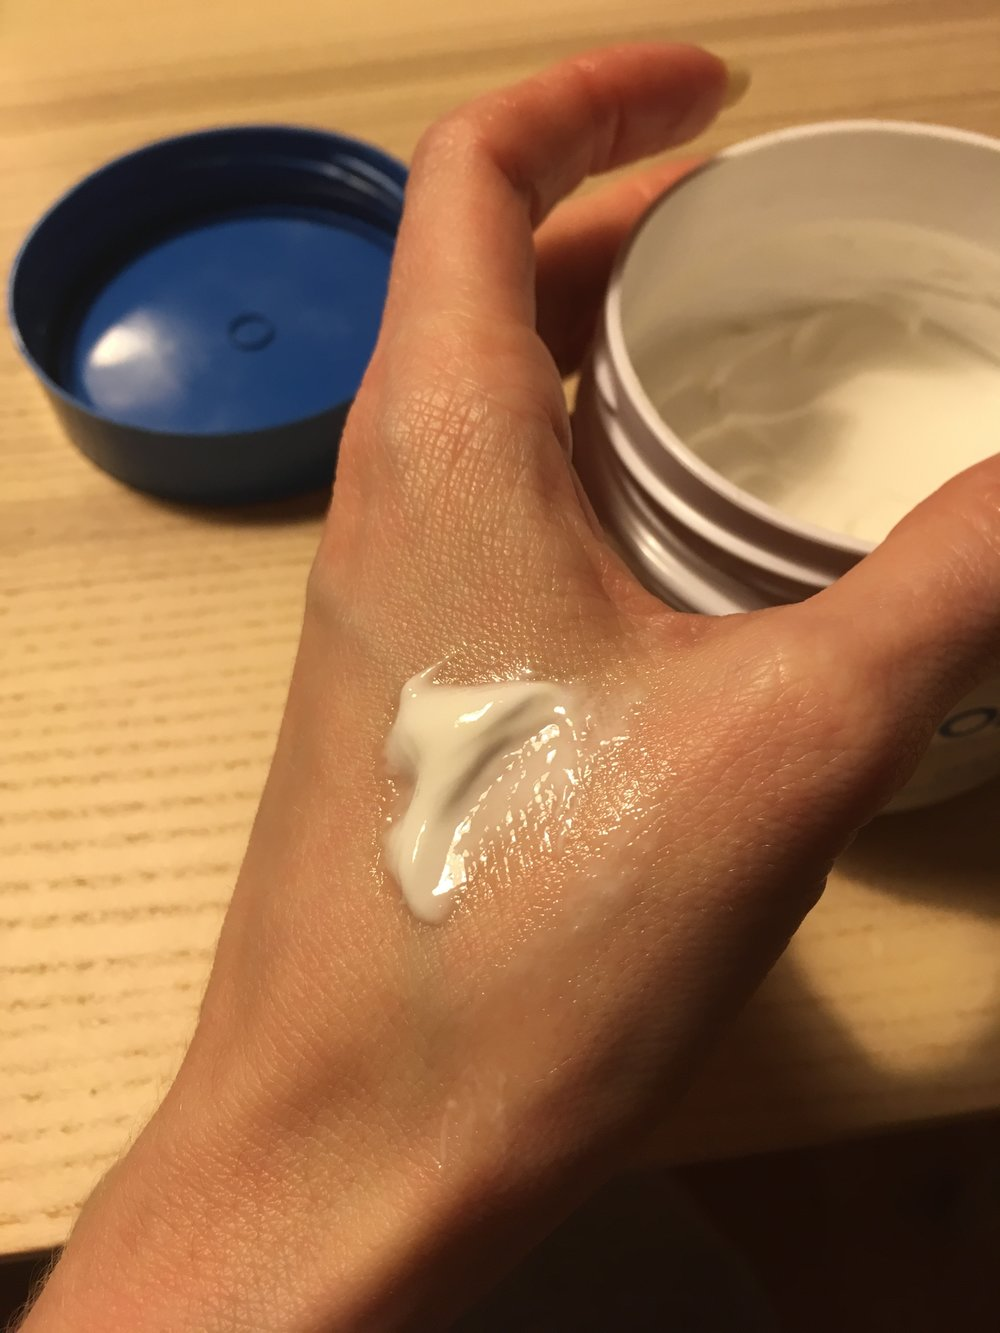 Telové balzamy Indulona sú ako vidíte veľmi hutné a premasťujúce, po kontakte s teplom vašej kože sa však príjemne roztápajú. Rozhodne si na ich zapracovanie na tele nechajte čas, ak sa chcete iba rýchlo natrieť a ísť, stavte na telové mlieka.